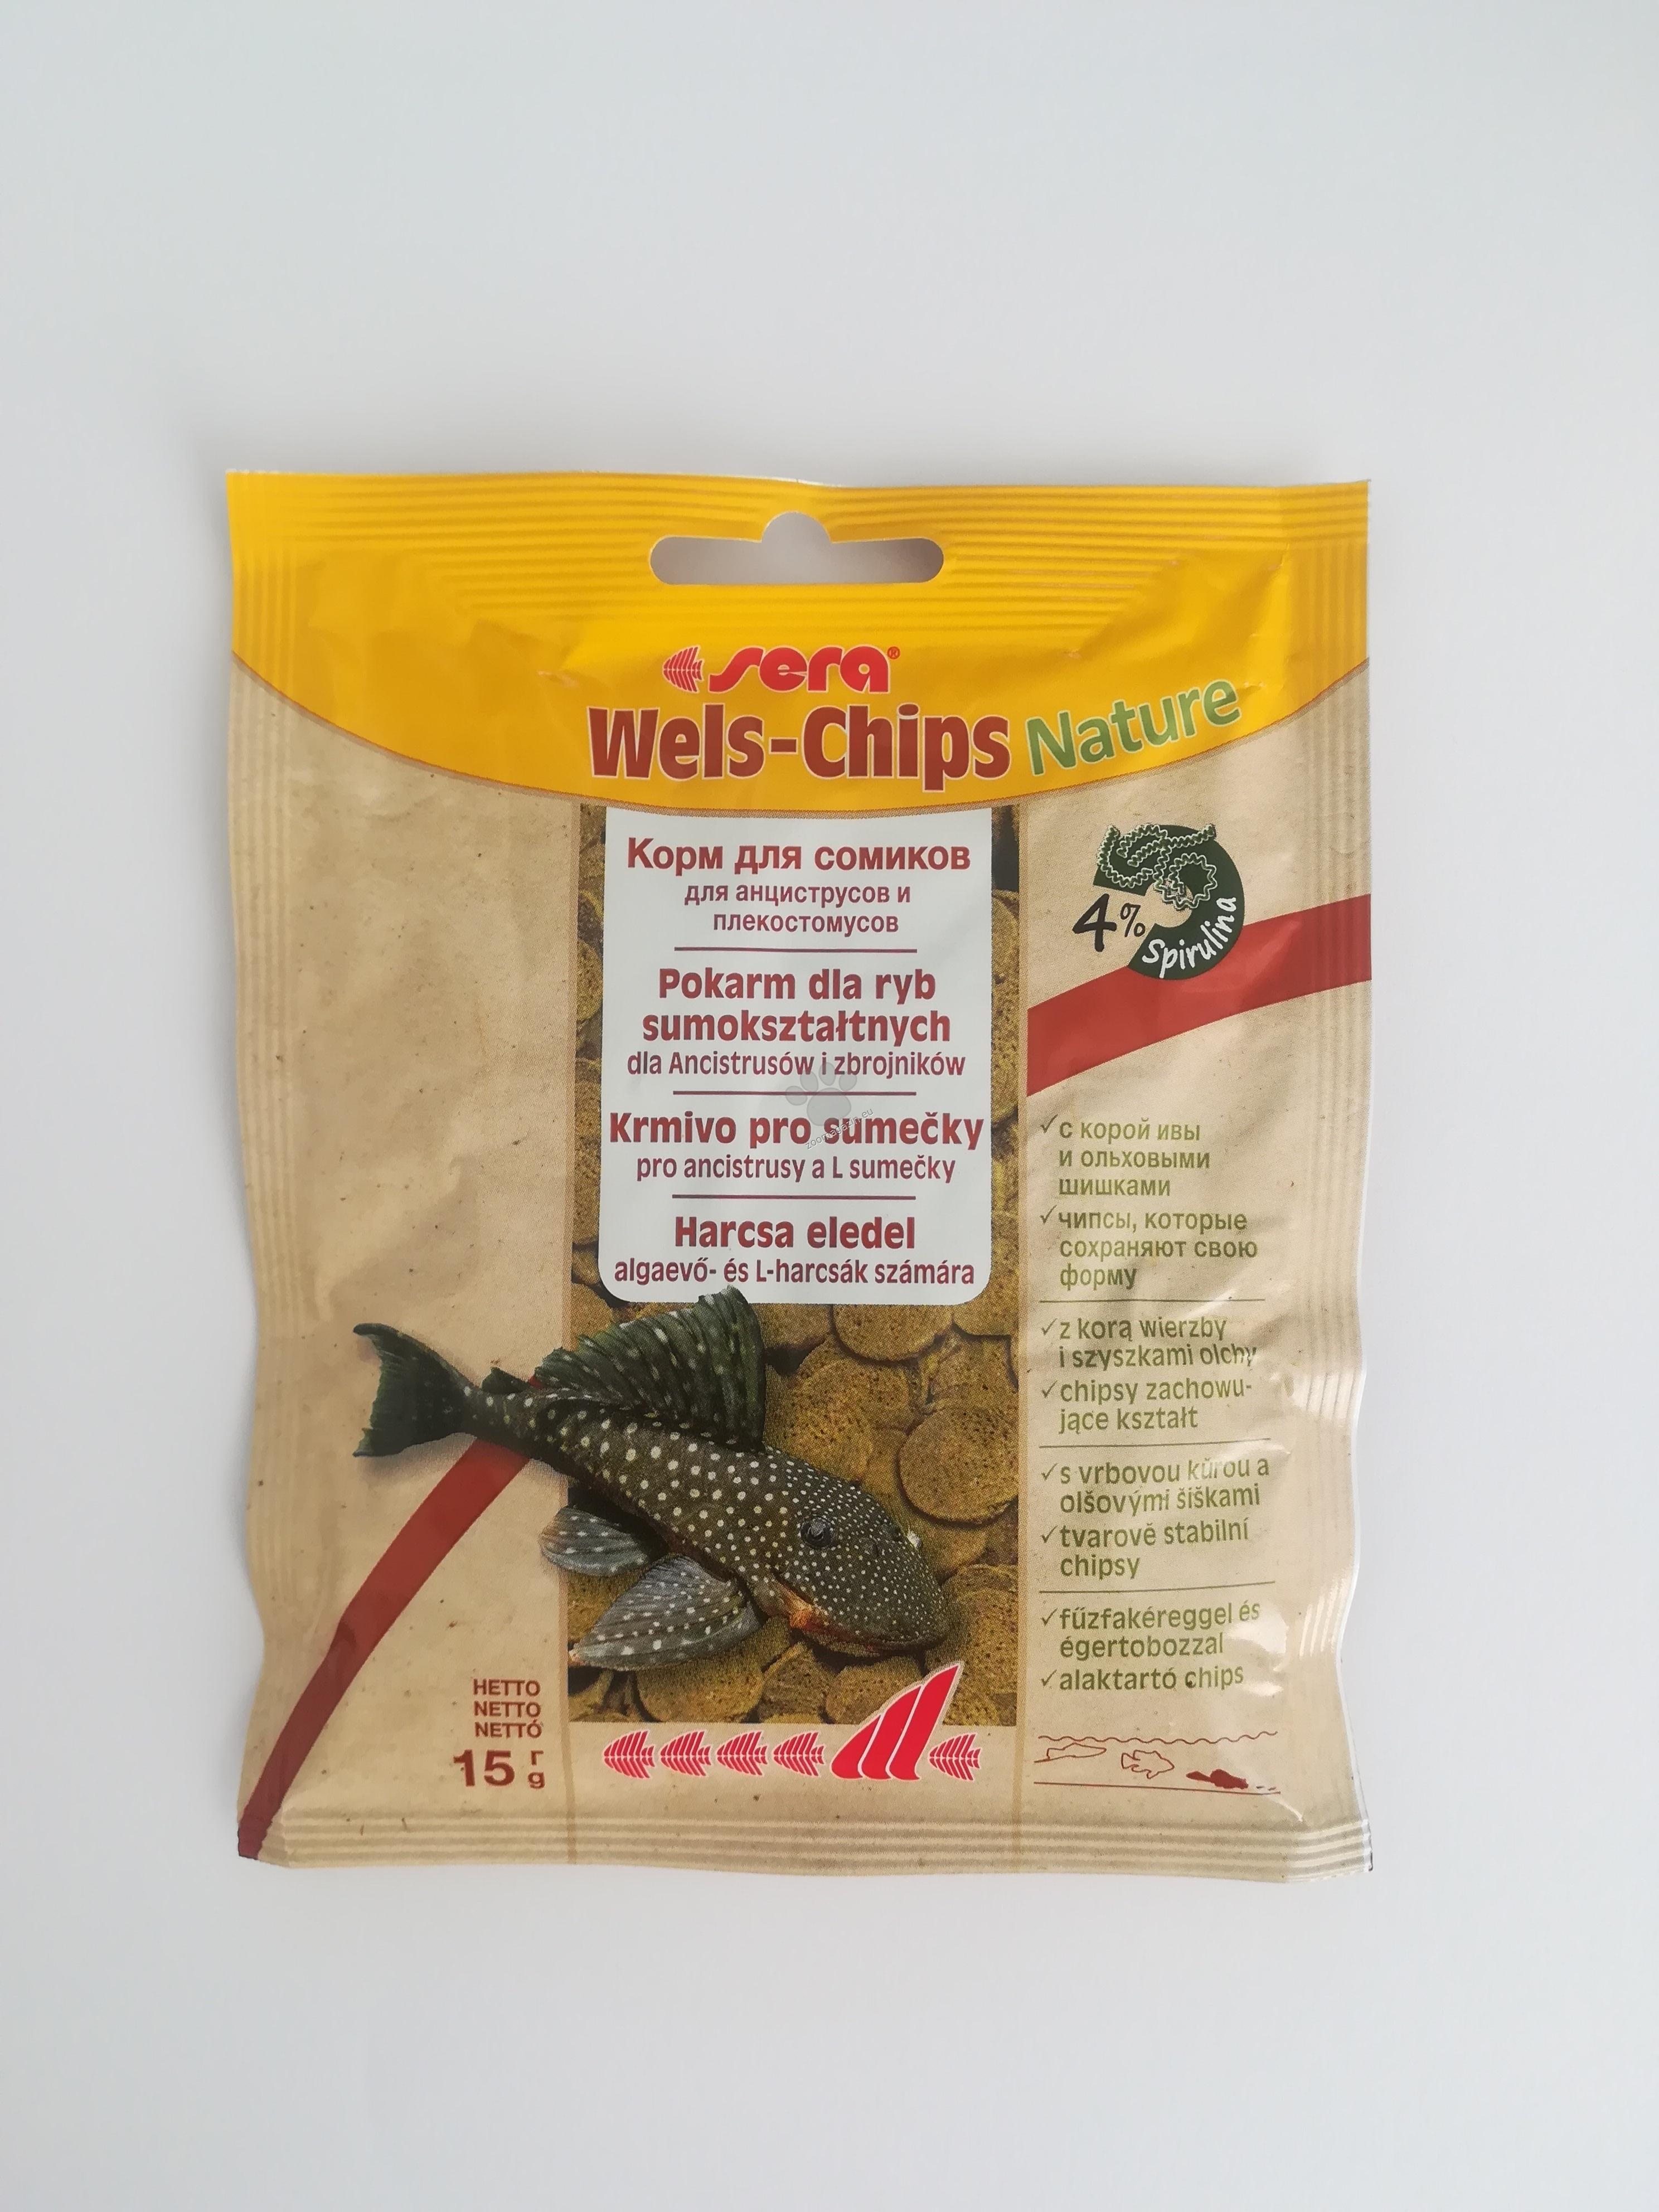 Sera Nature Wels Chips - за придънни рибки с върба и елша 15 гр.